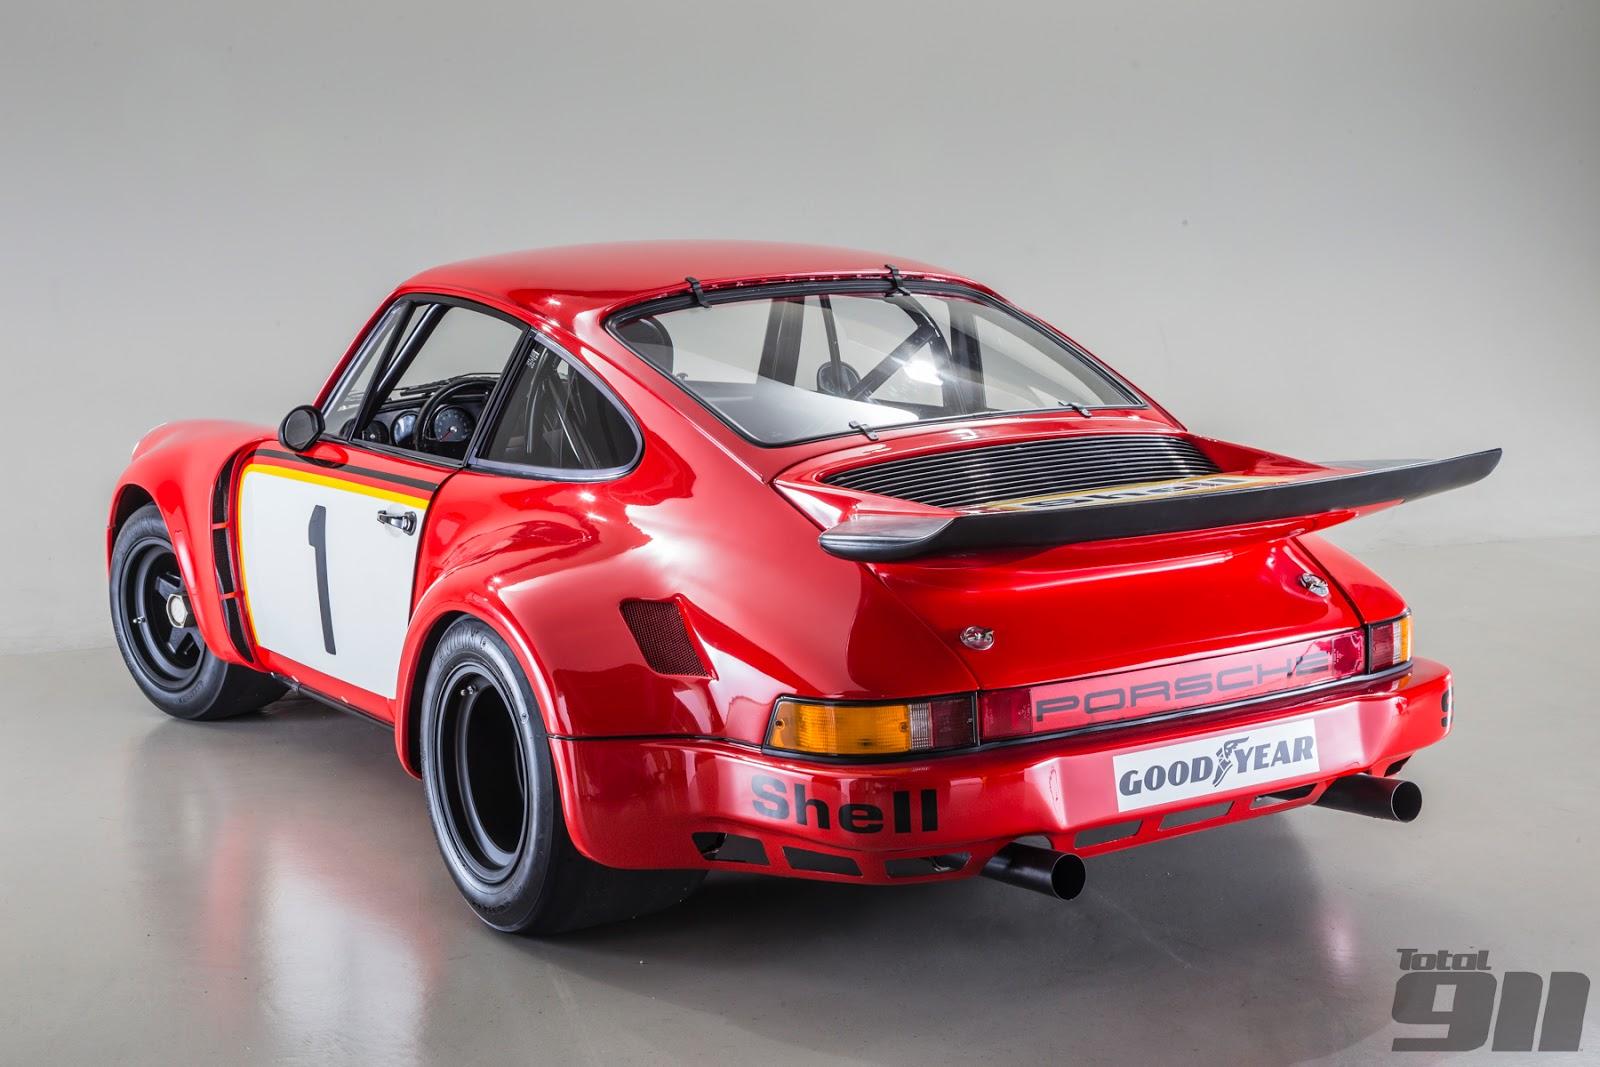 Porsche 911 Carrera RSR 3.0 Πώς προφέρεται το όνομα της Porsche; Porsche, video, videos